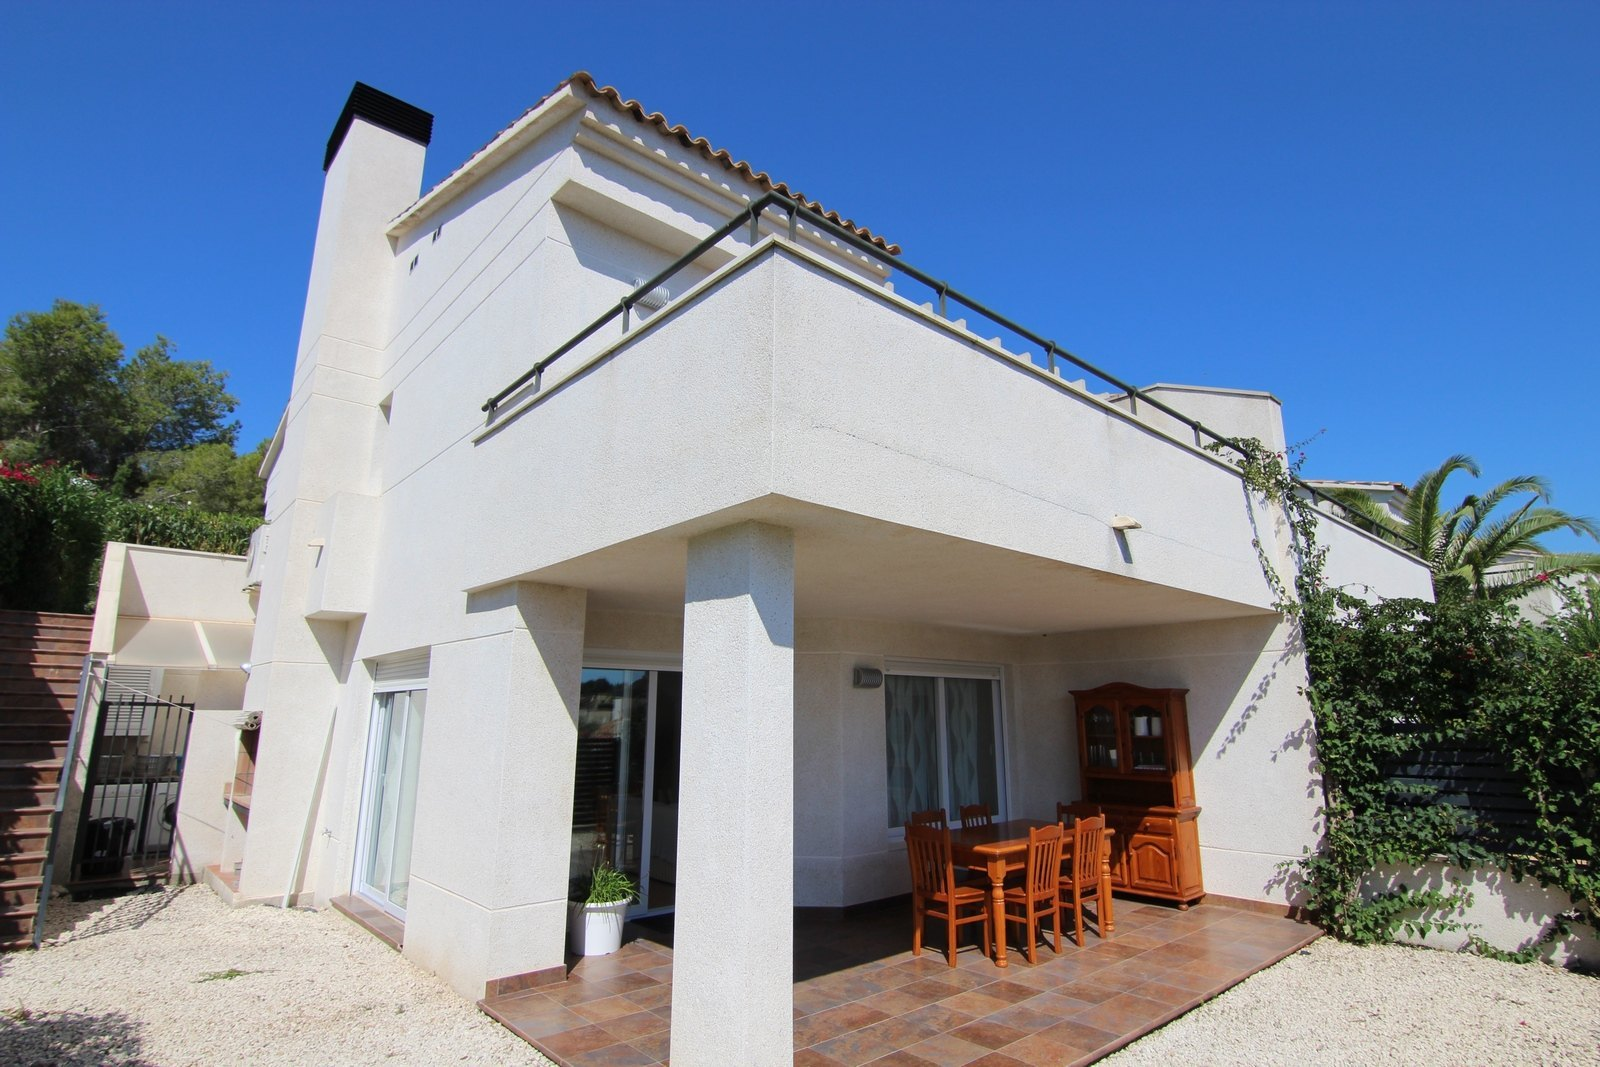 Semi-Stadthaus mit Pool in Moraira zu verkaufen.